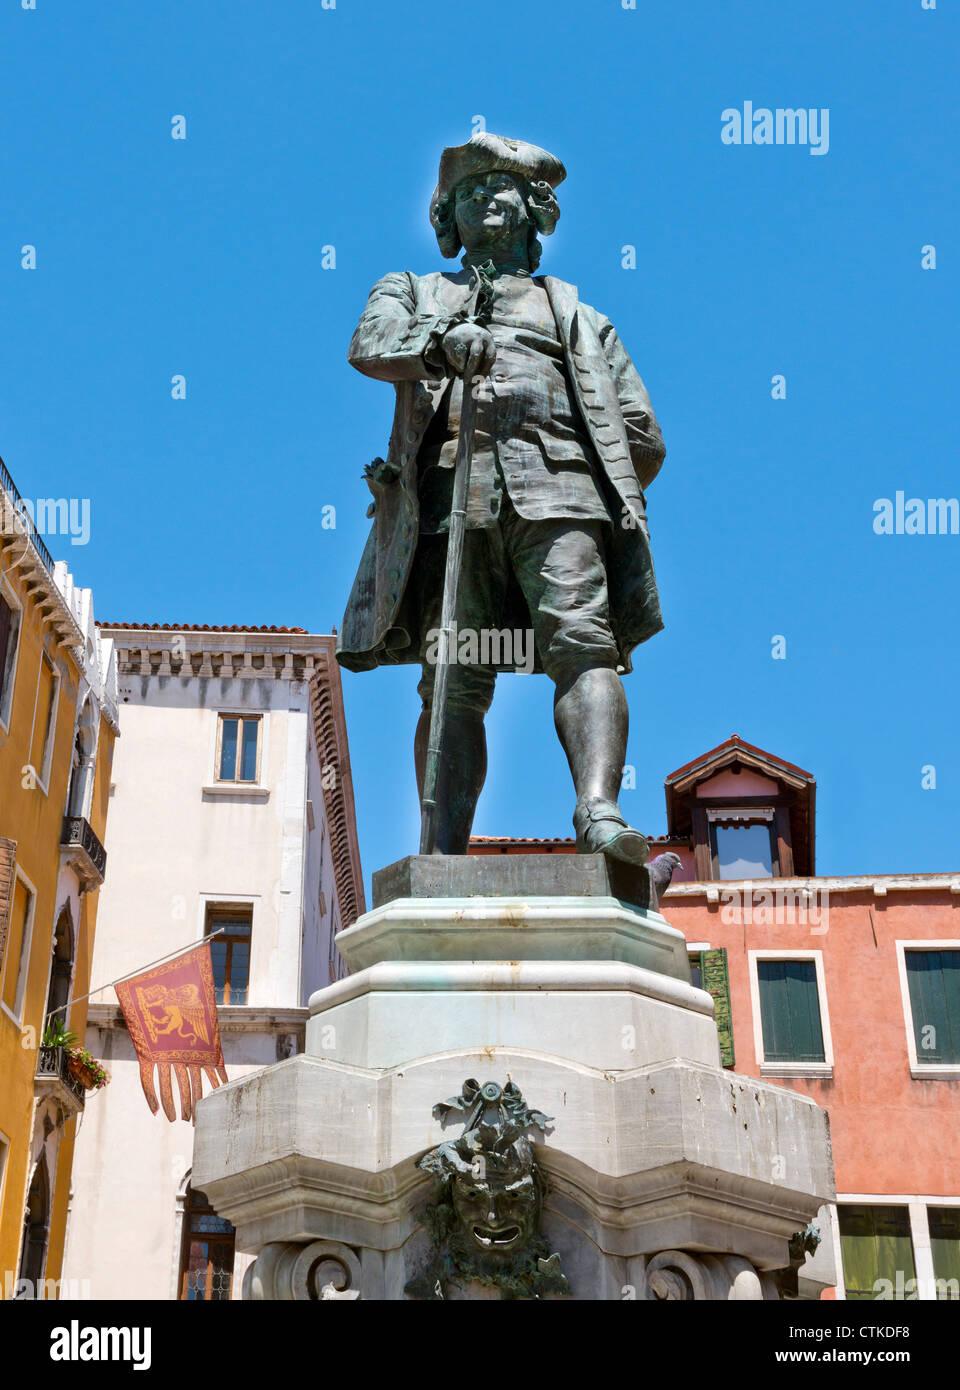 Carlo Goldoni Statue Venice Italy Stock Photo